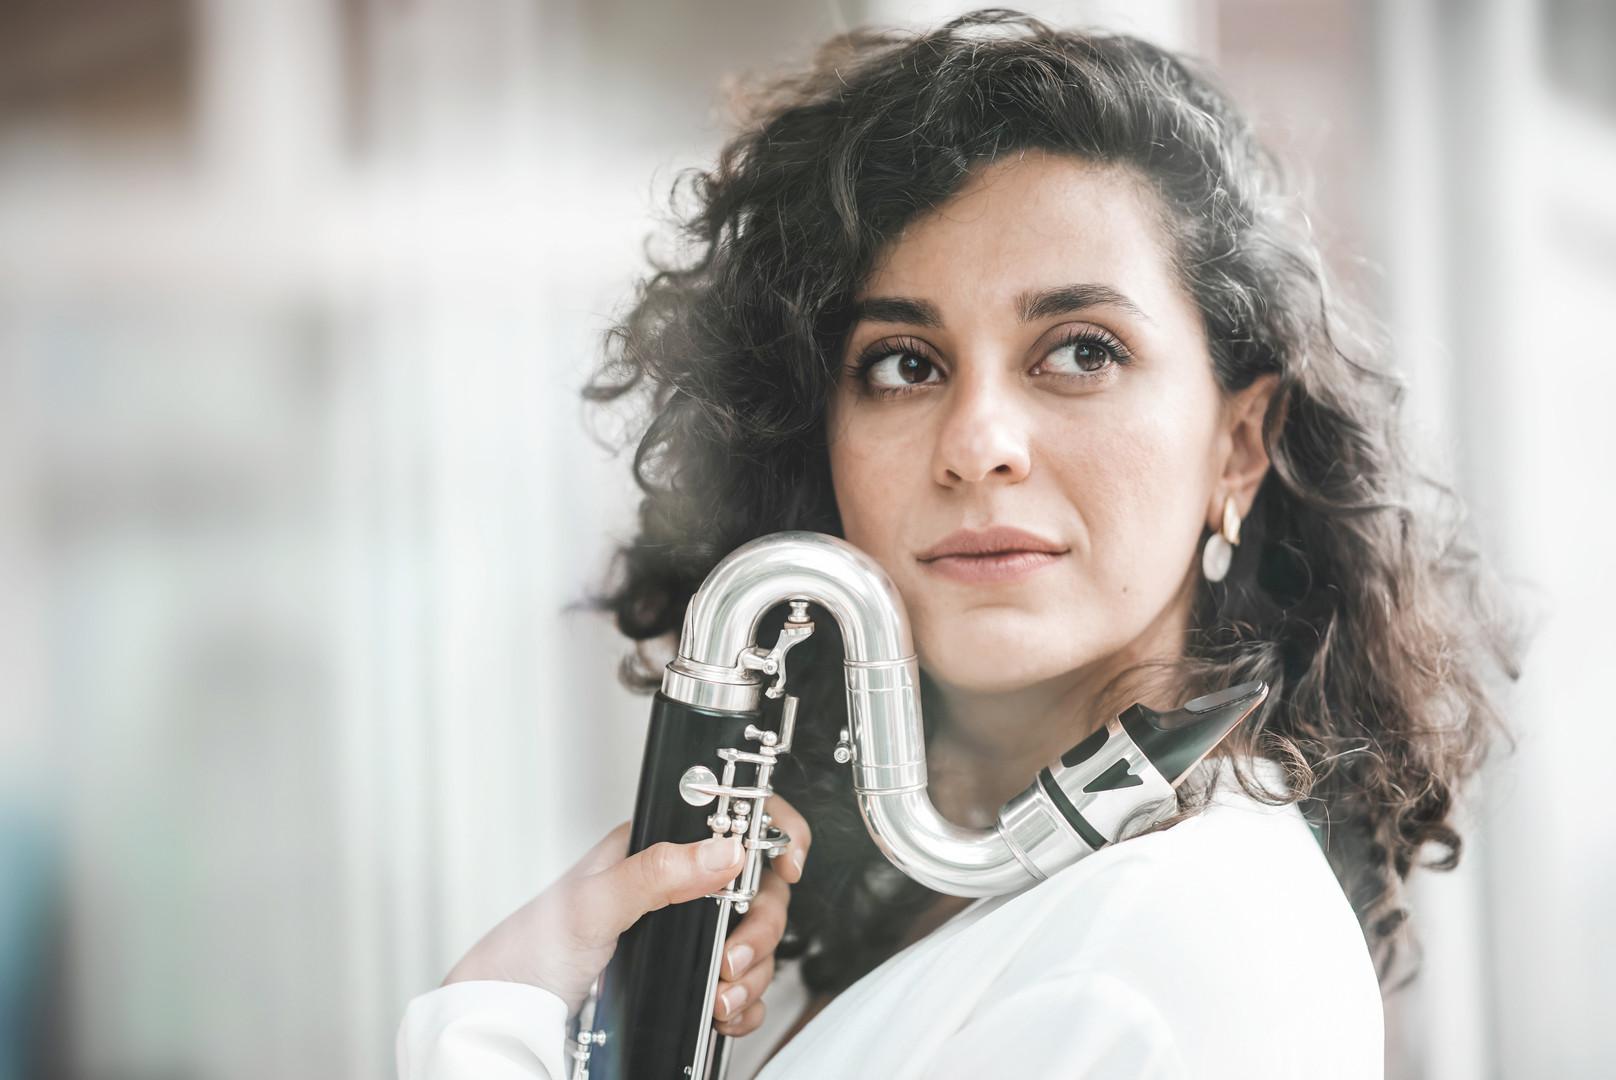 Shabnam Parvaresh